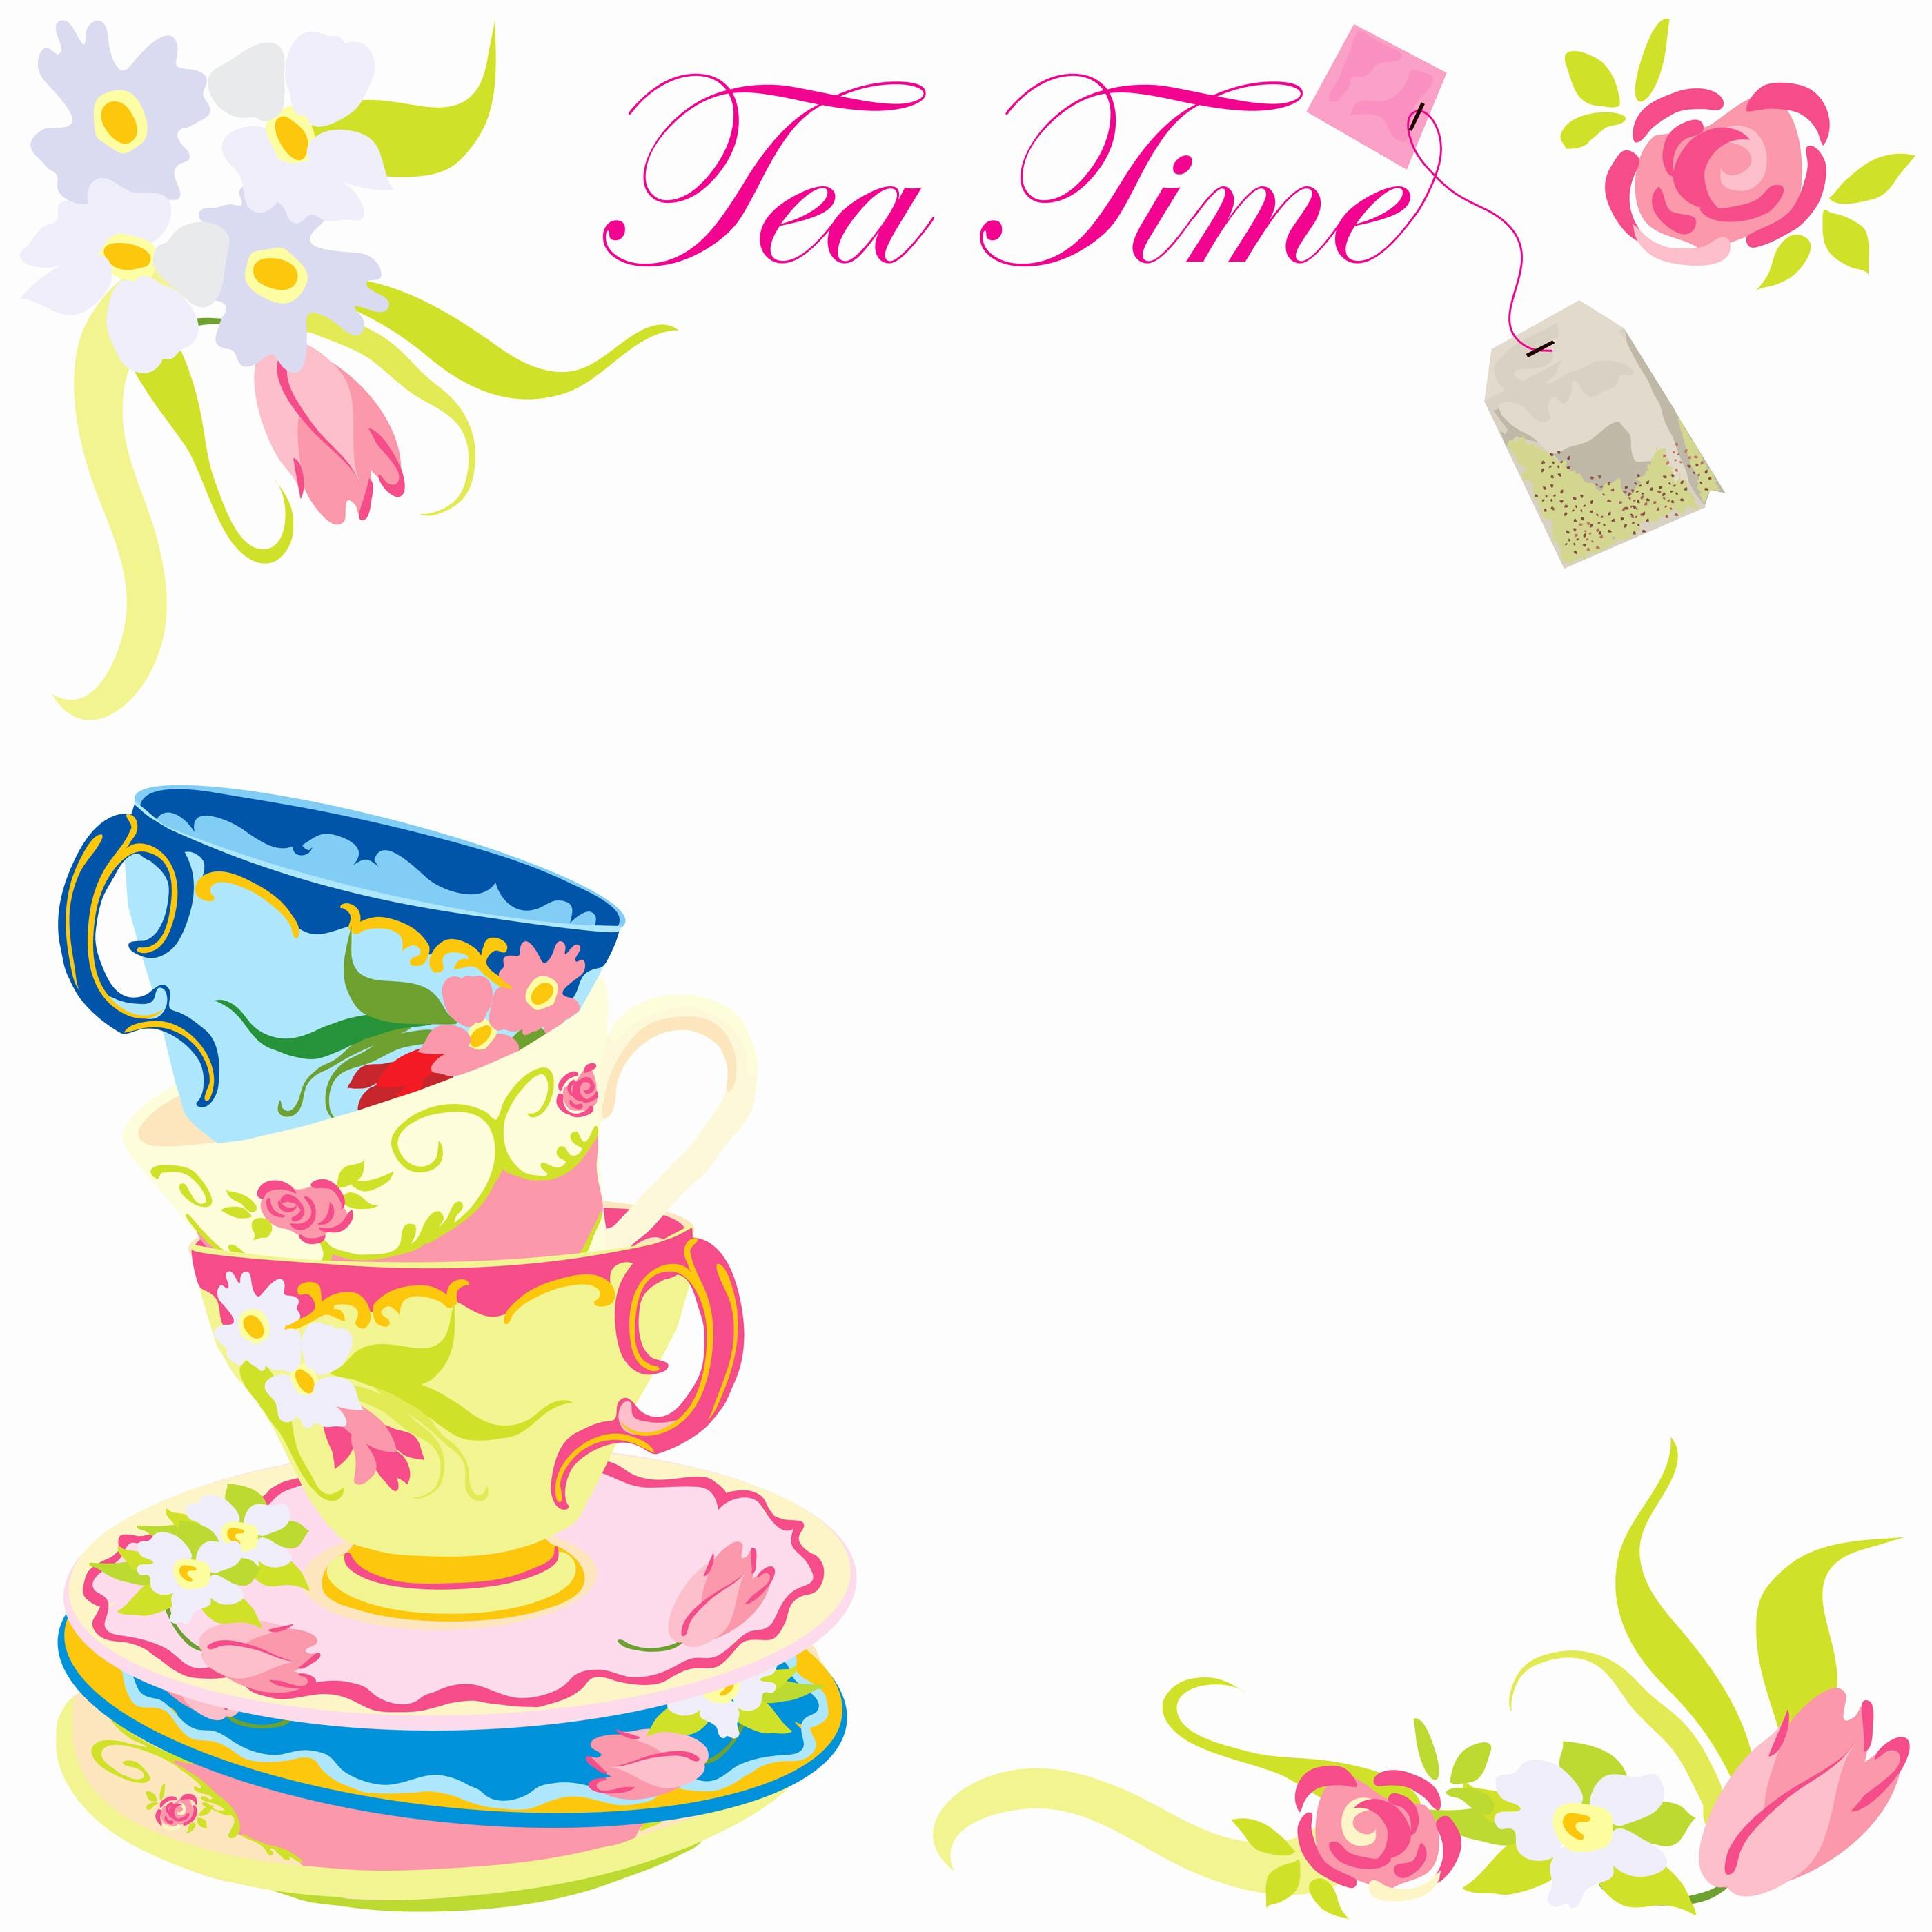 Brunch clipart tea time. Party templates incep imagine